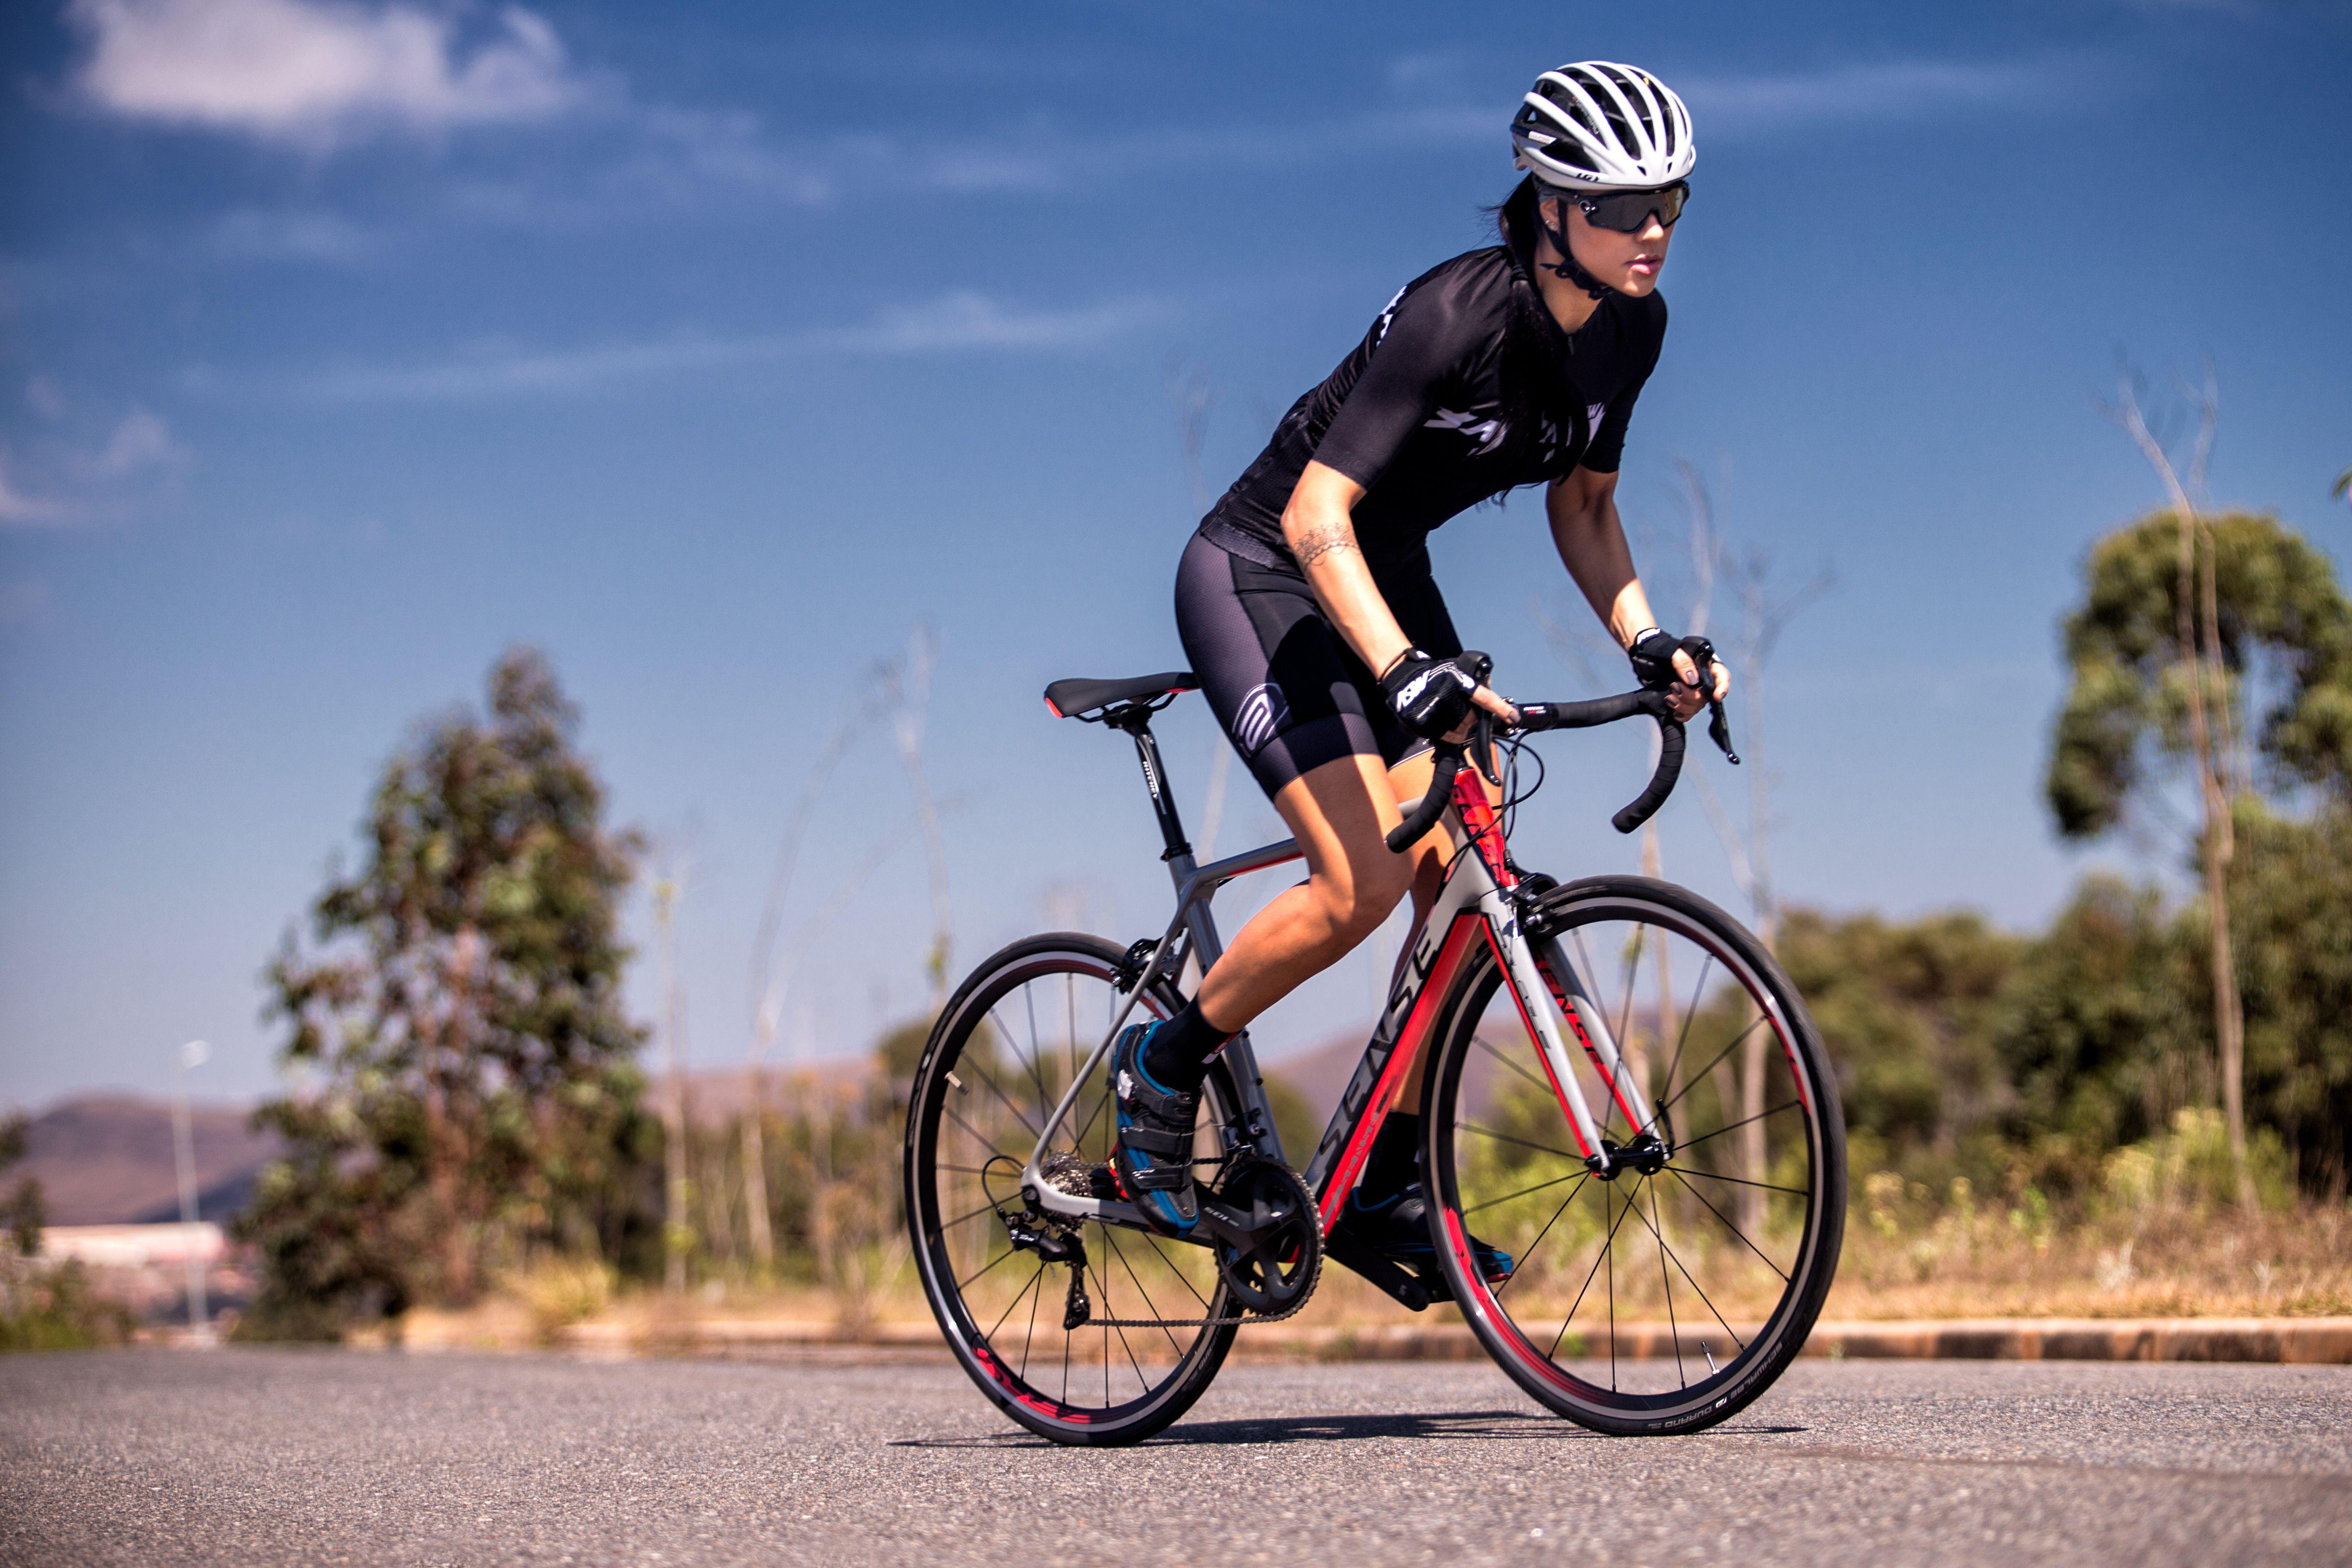 e5a8d4382 Bicicleta Sense Road Prologue